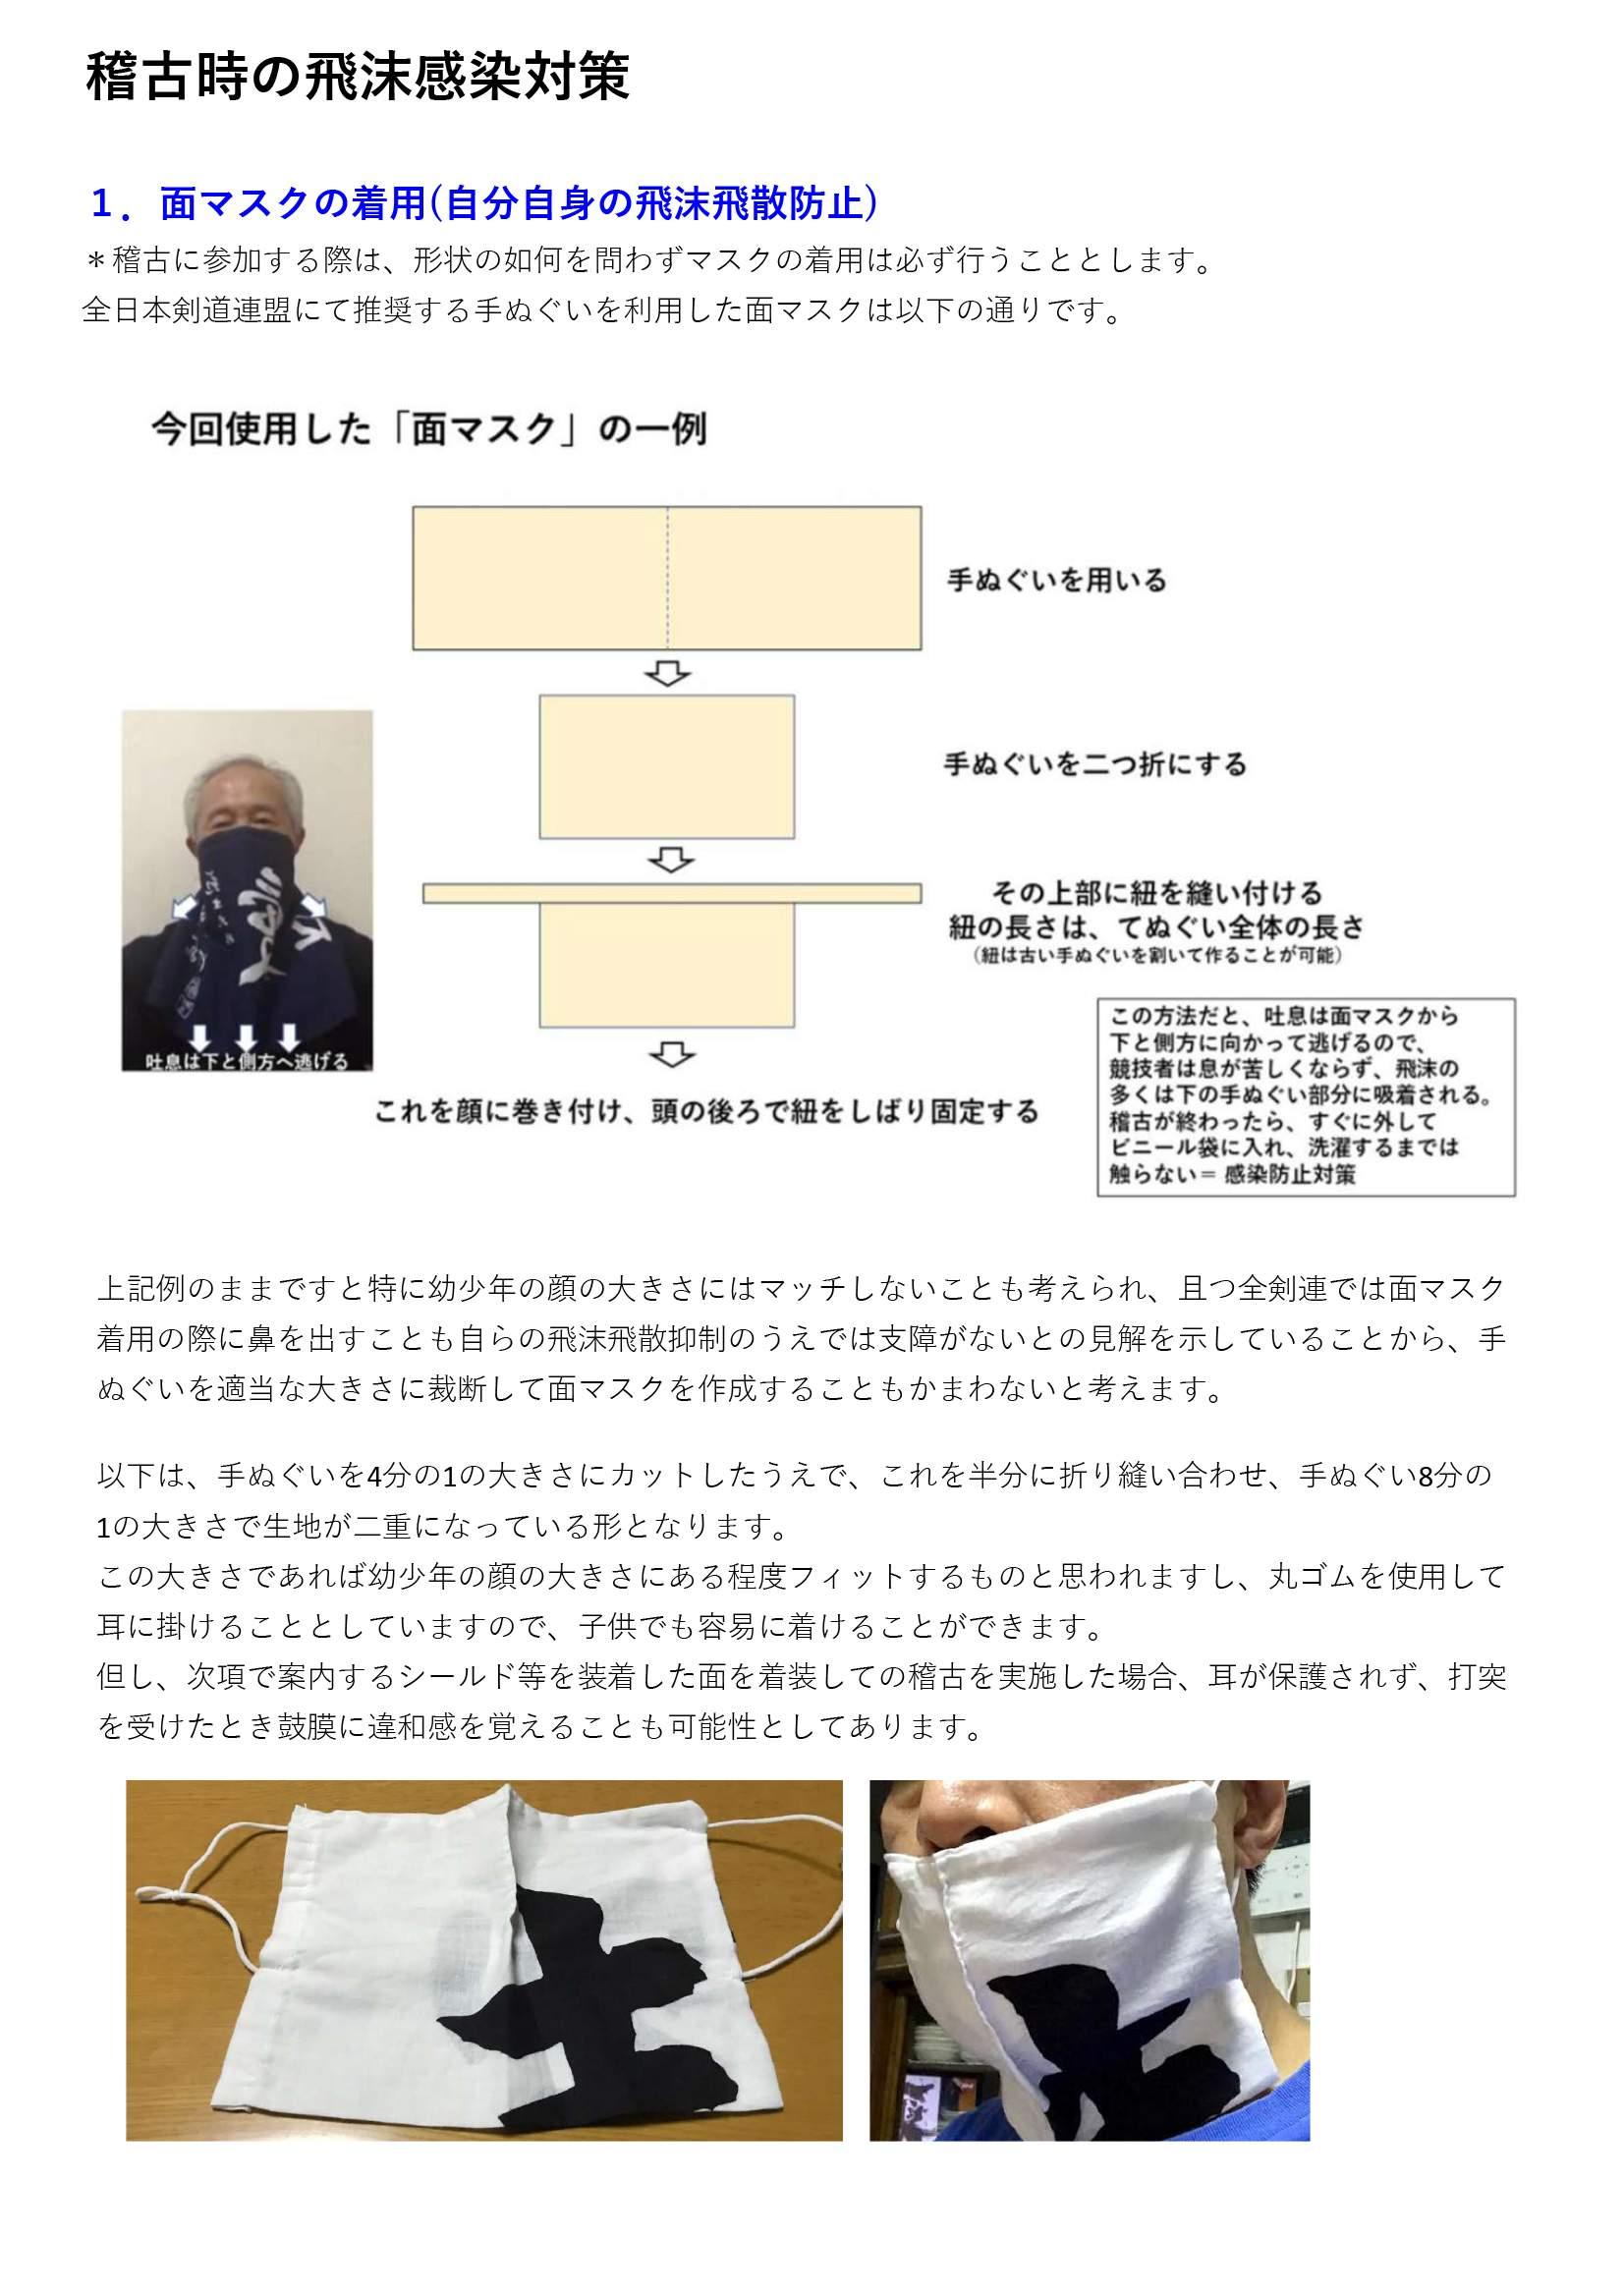 流剣連活動再開ガイドライン補足版_0001